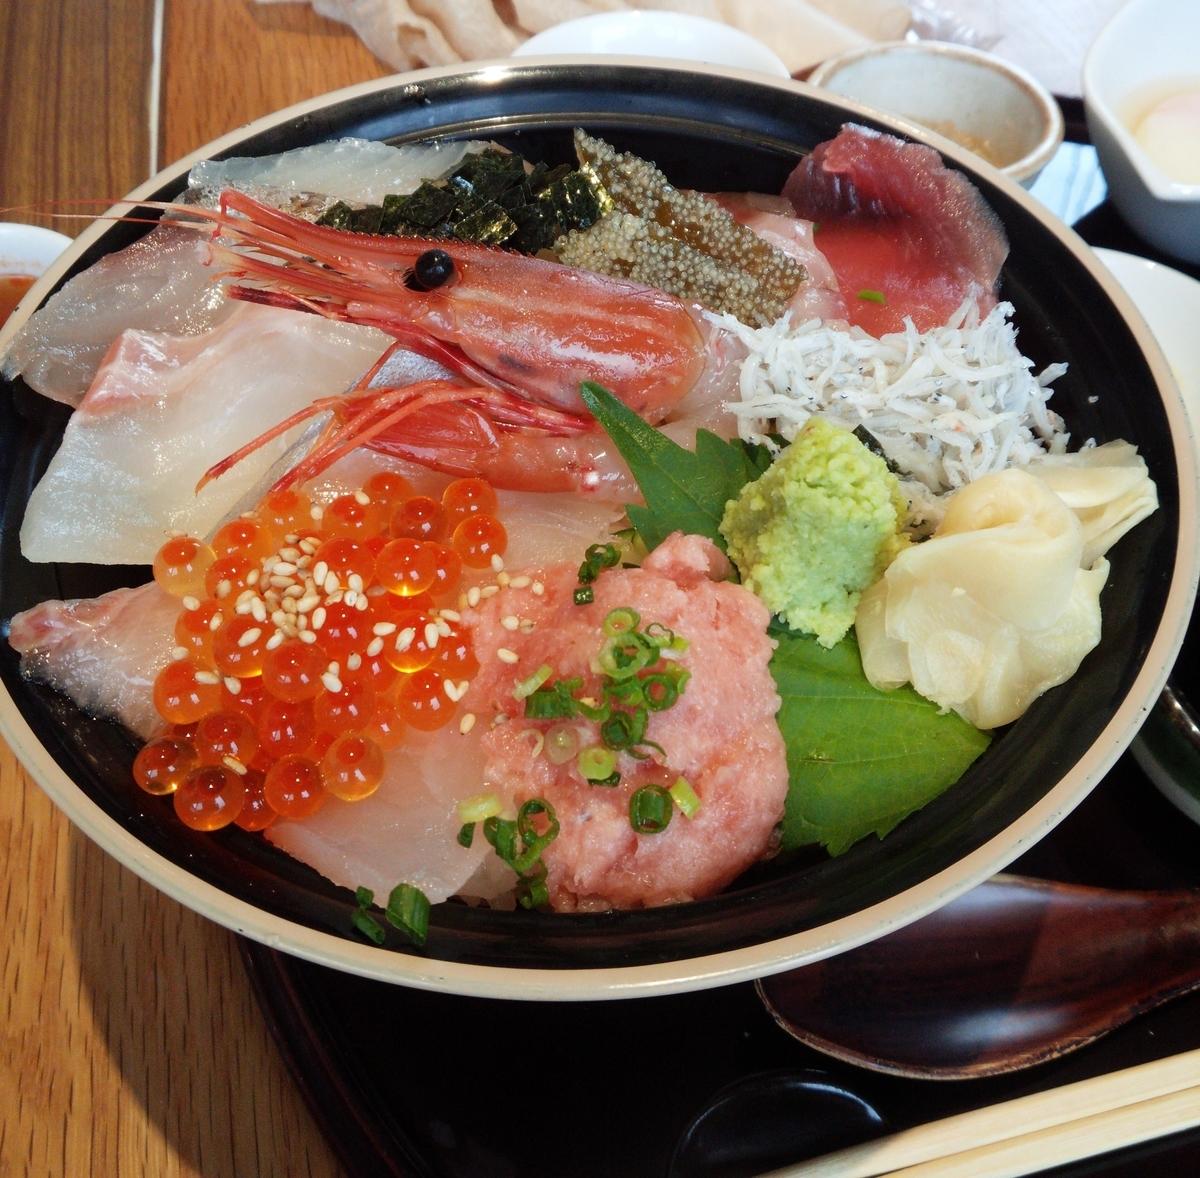 海鮮丼には新鮮な魚介類が満載されています!